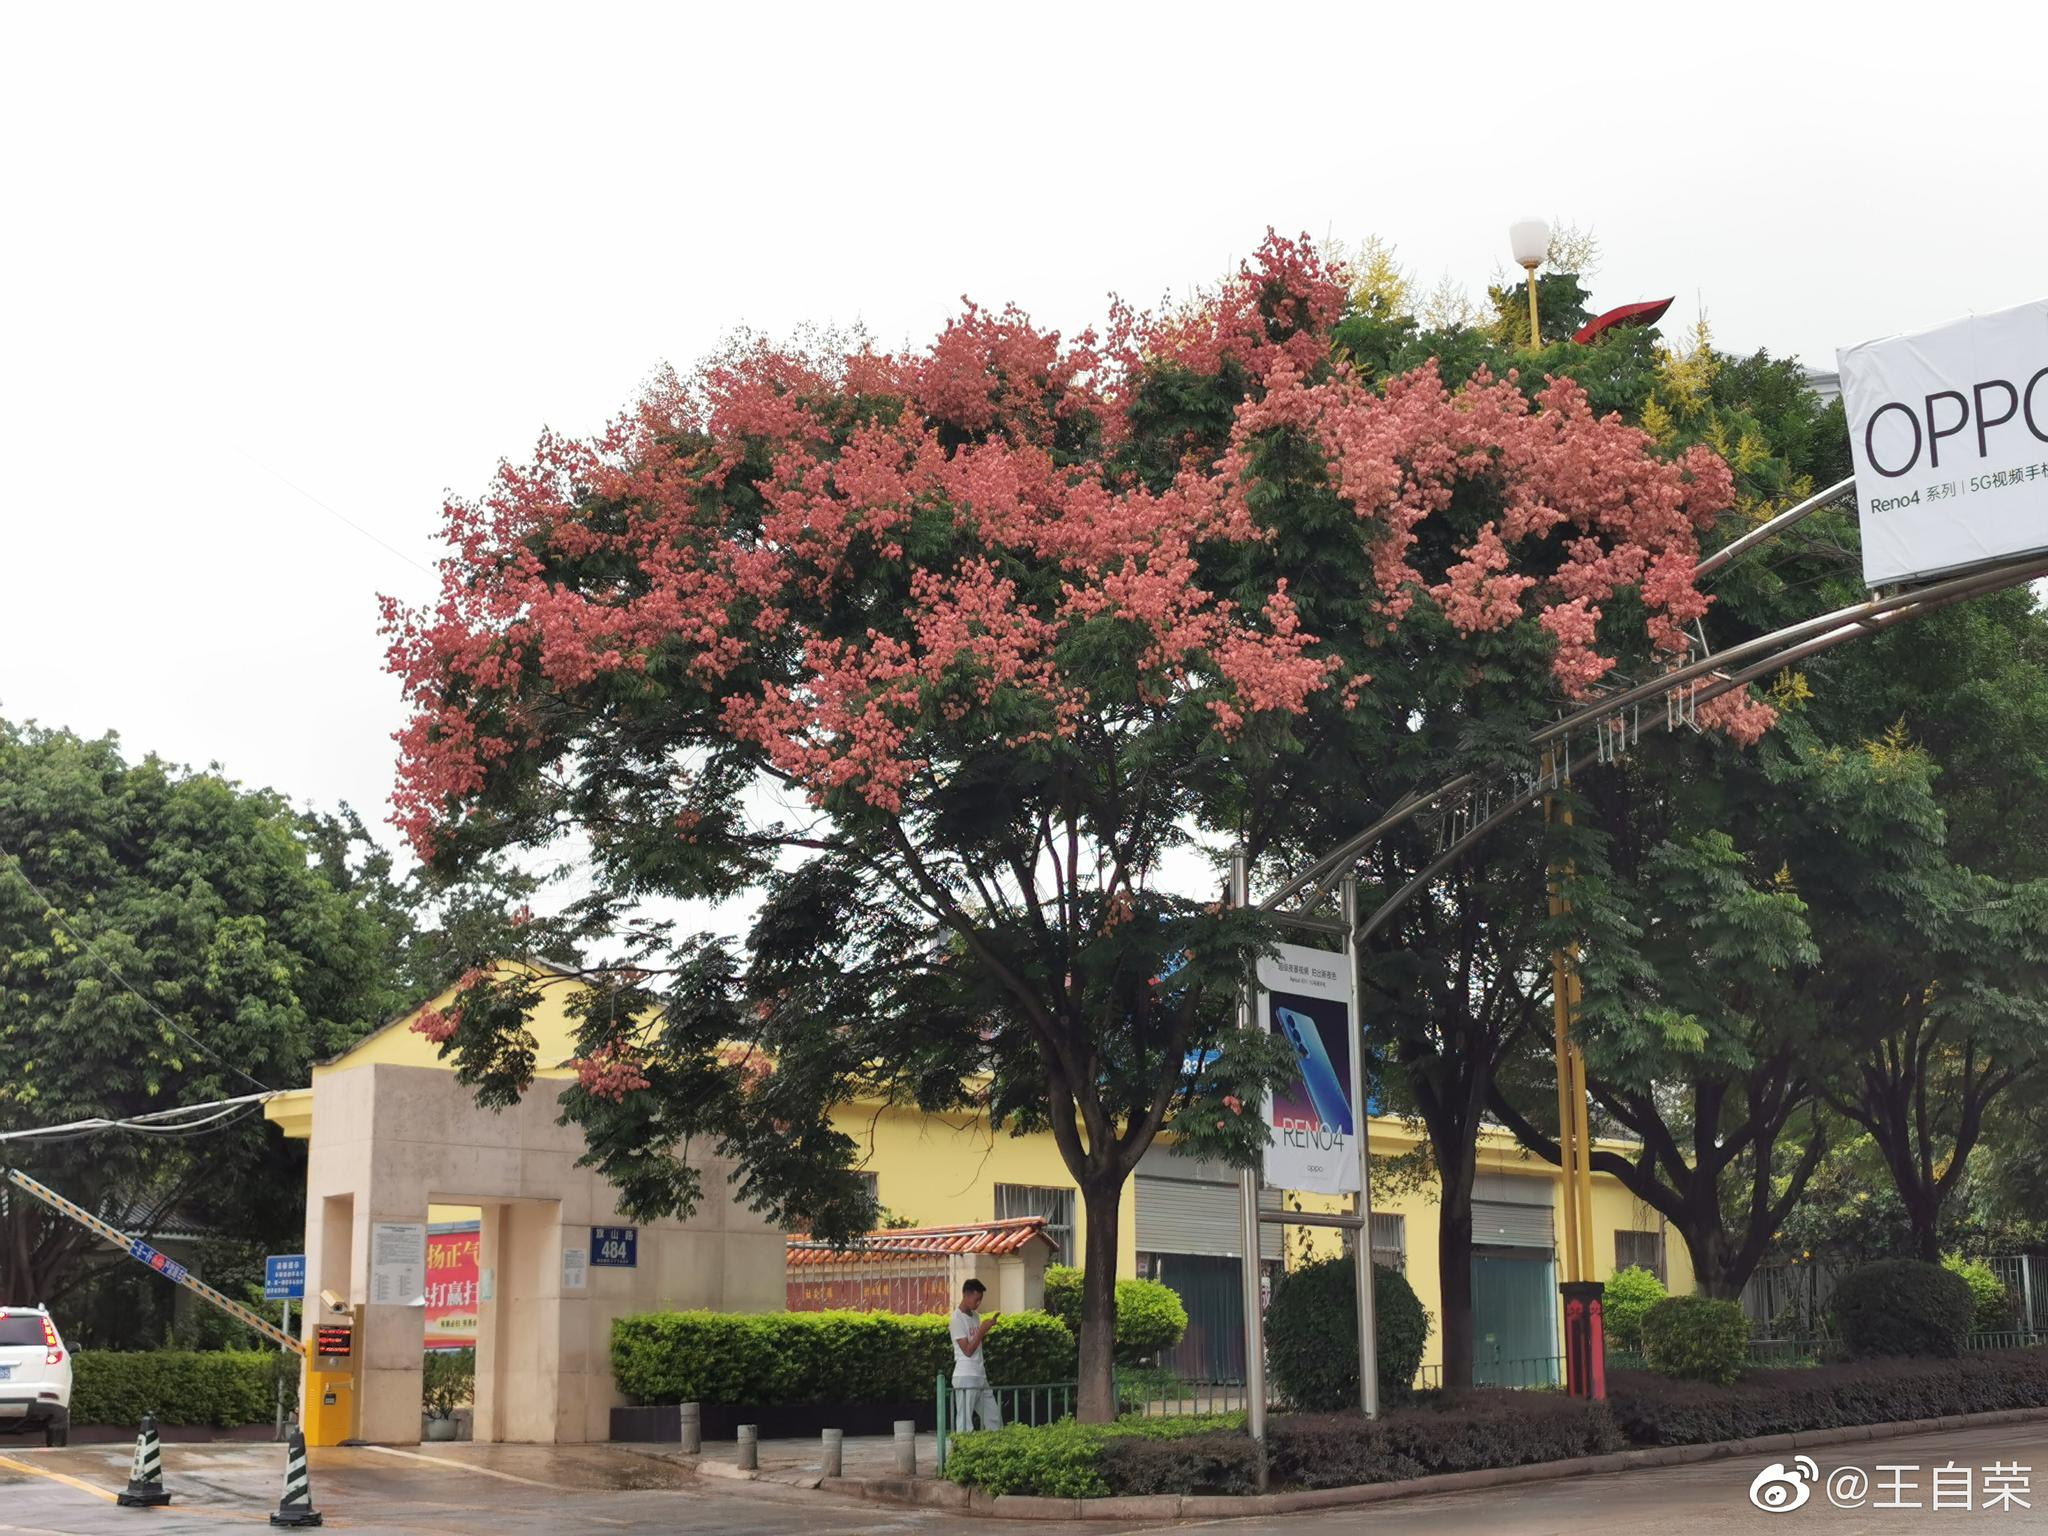 临沧旗山路,路两边,橙红色与黄色交织的栾树,在细雨中